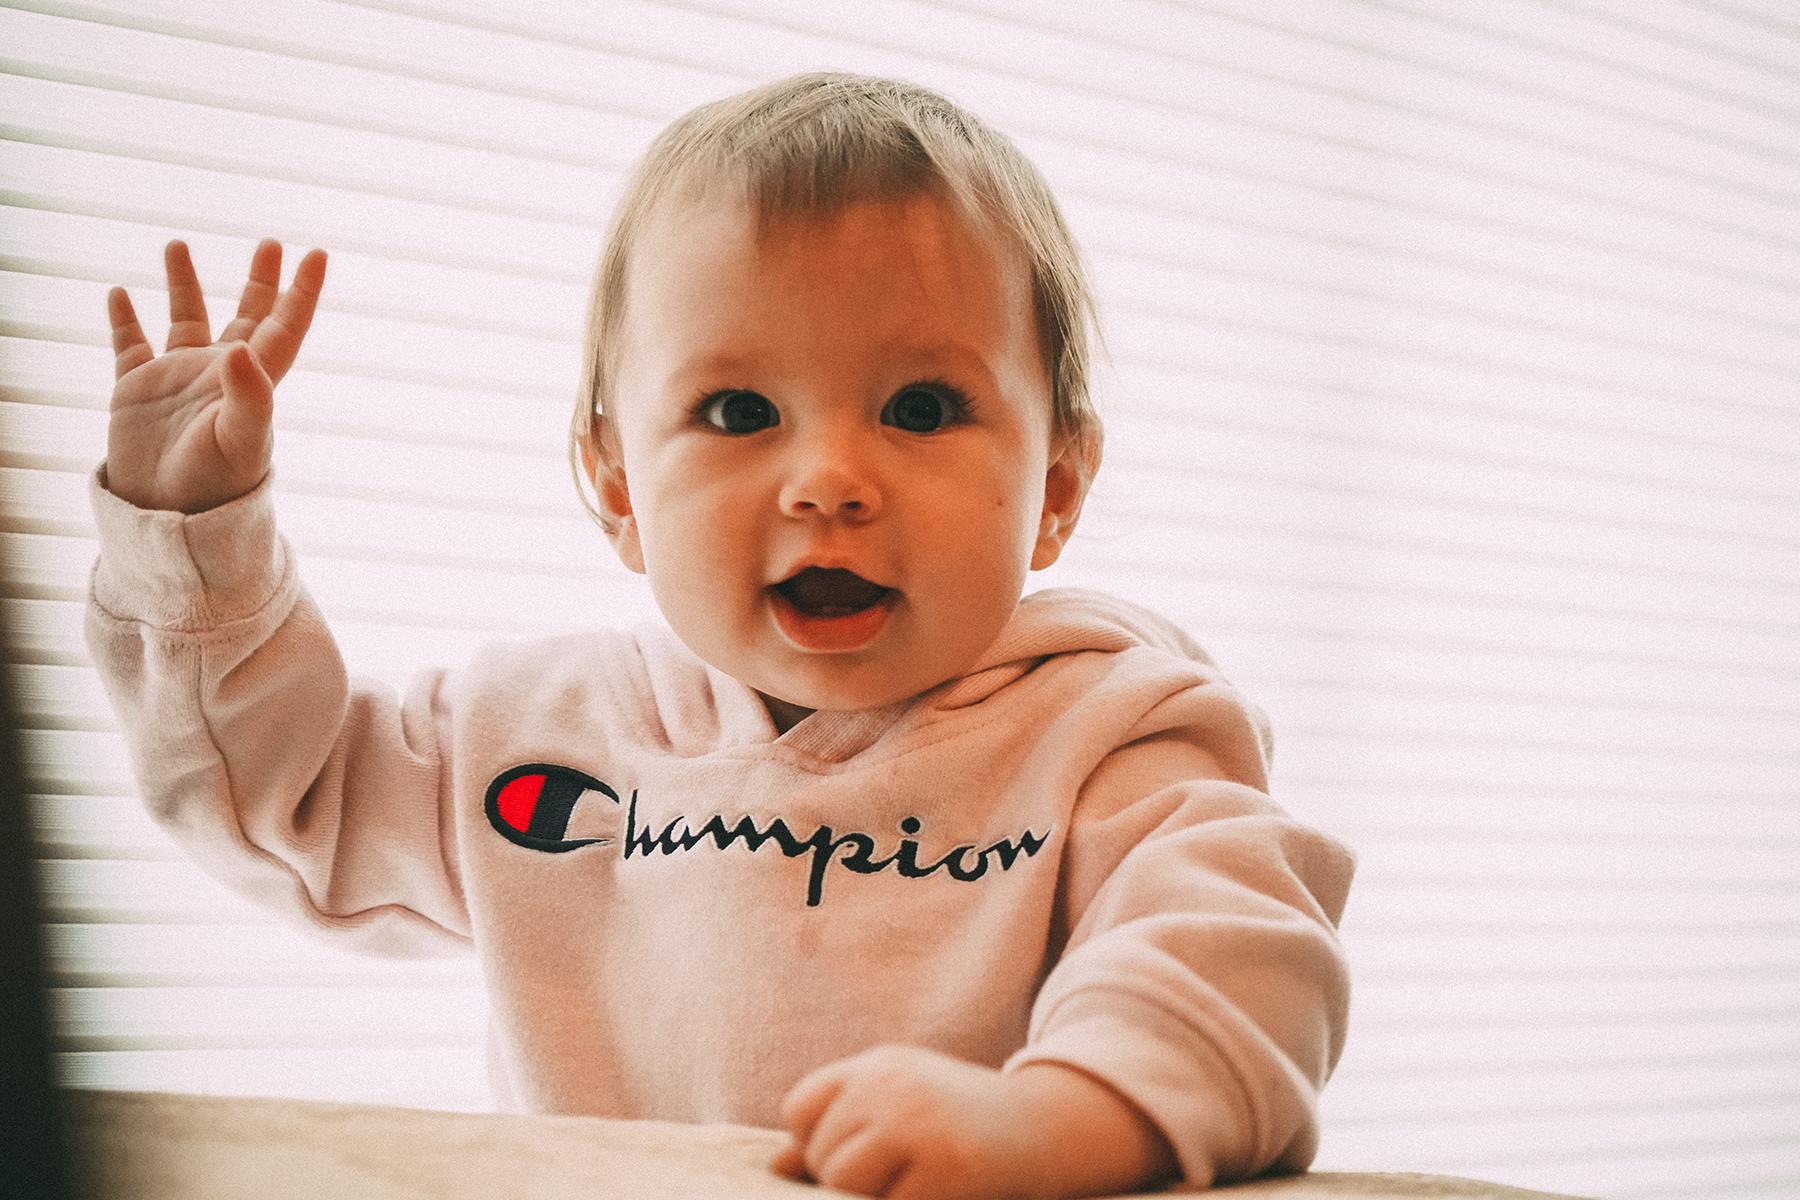 Kleines Kind mit Champions Pulover hebt rechte Hand